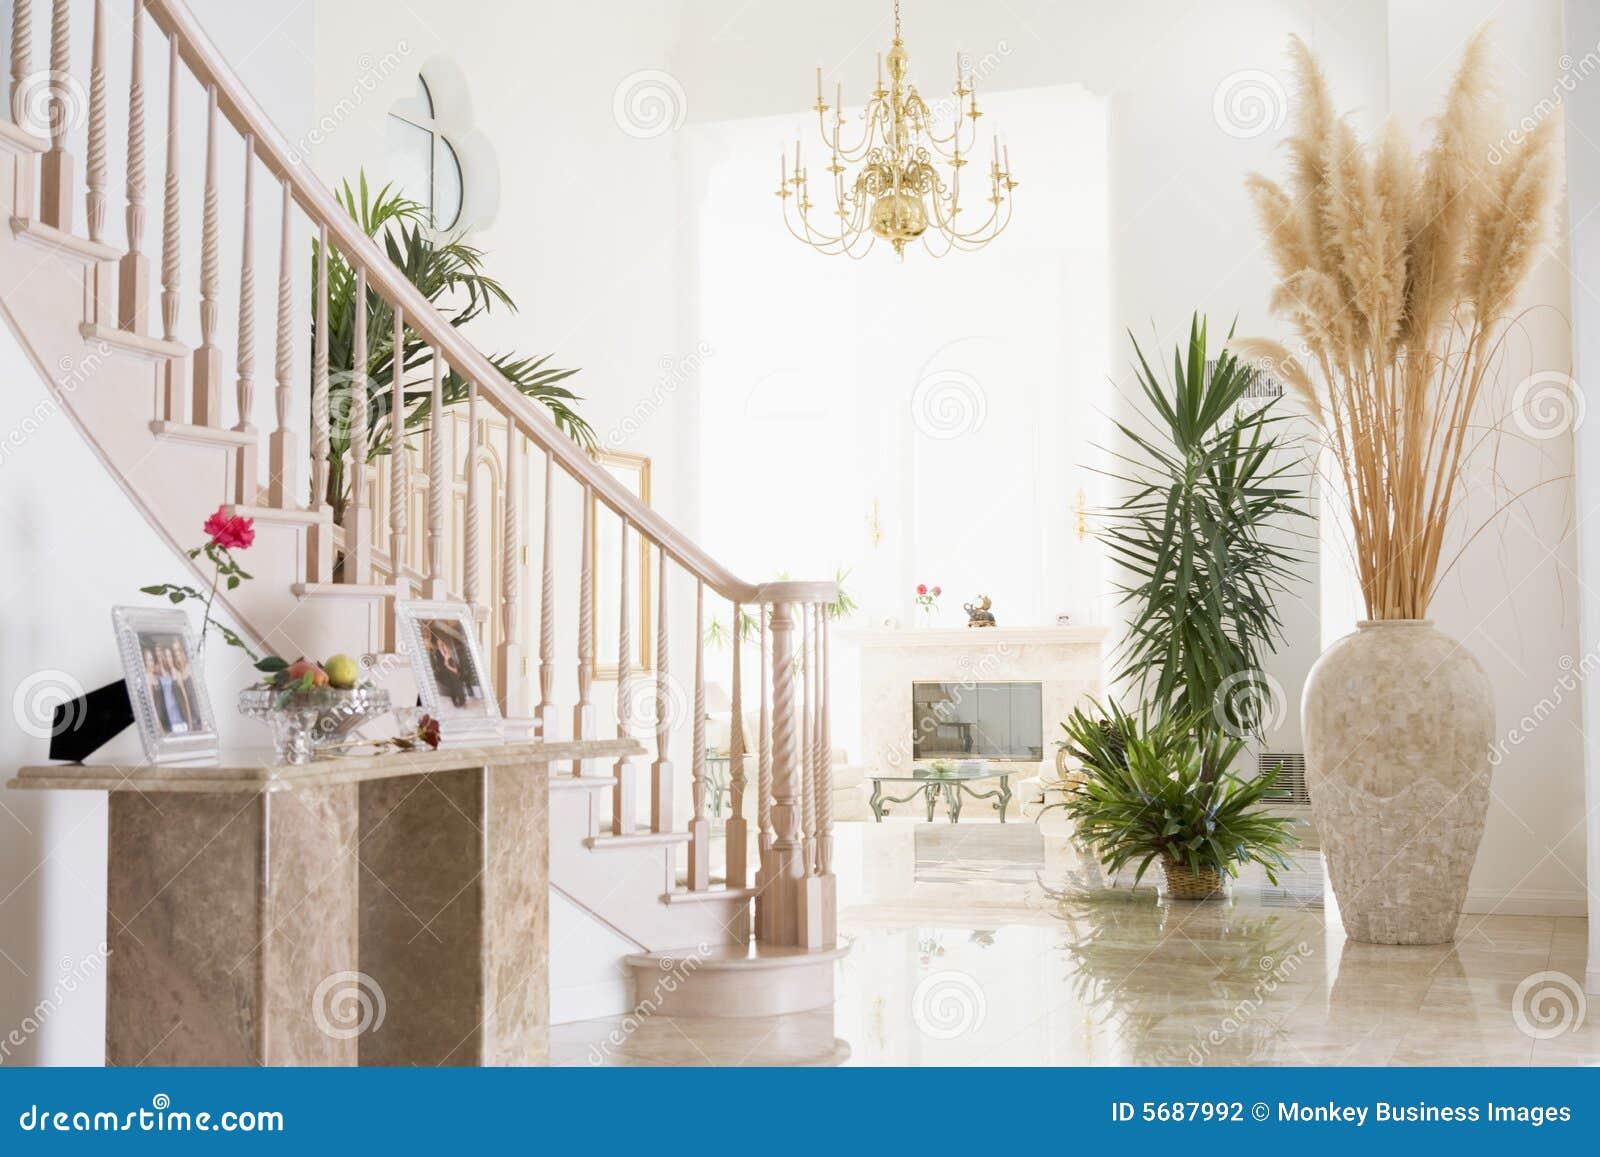 Corridoio vuoto nella casa lussuosa fotografia stock for Casa lussuosa